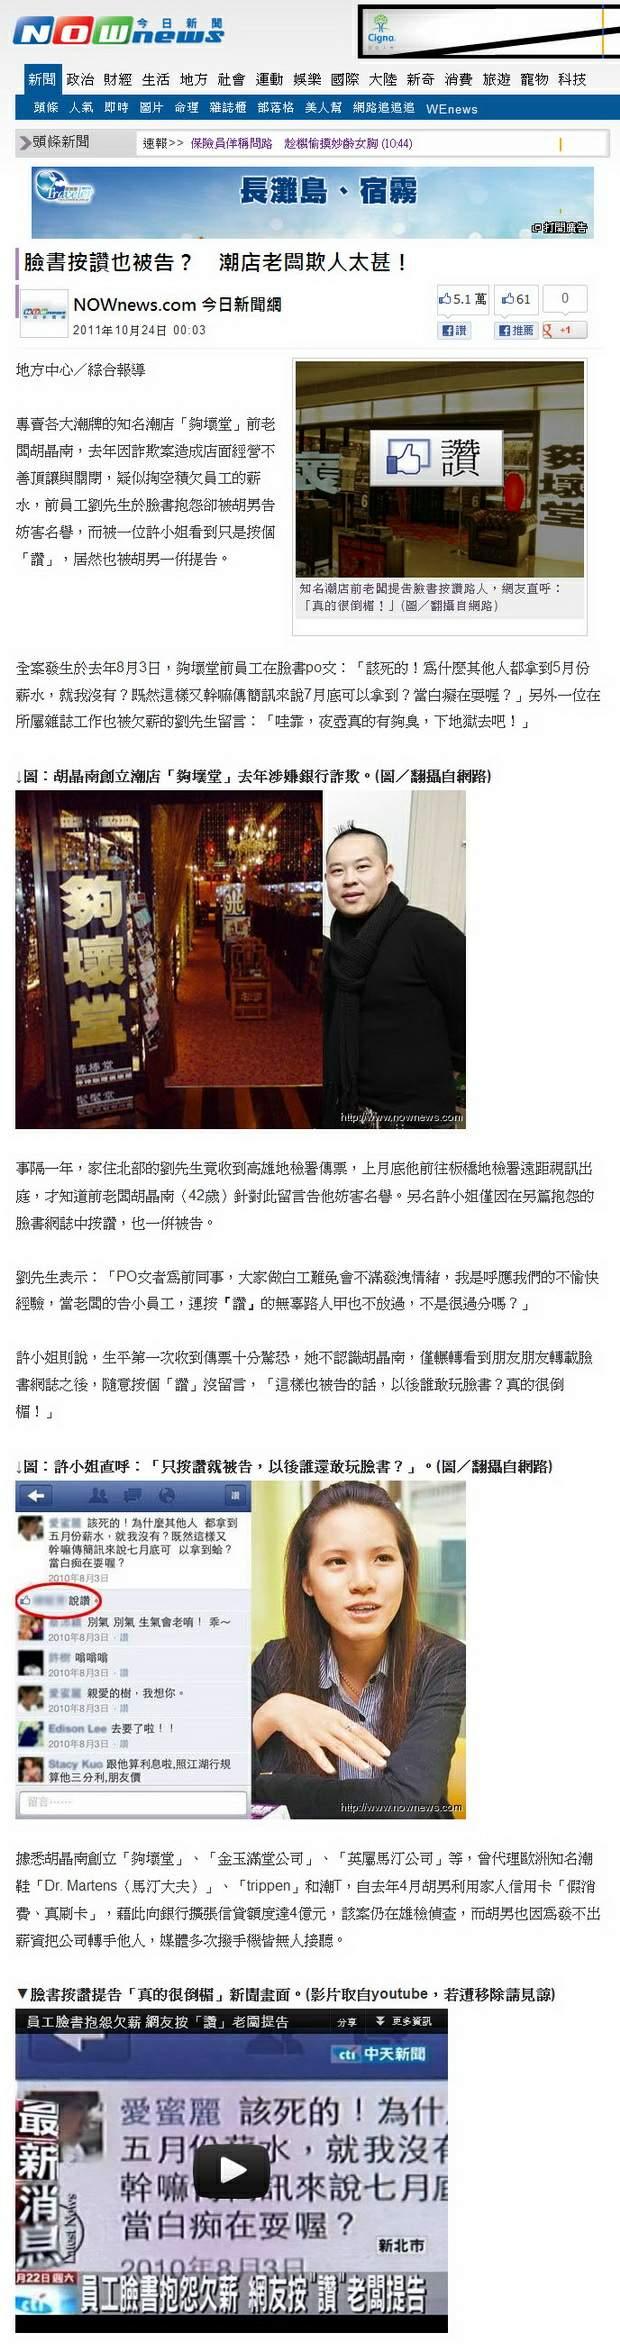 臉書按讚也被告? 潮店老闆欺人太甚!-2011.10.24